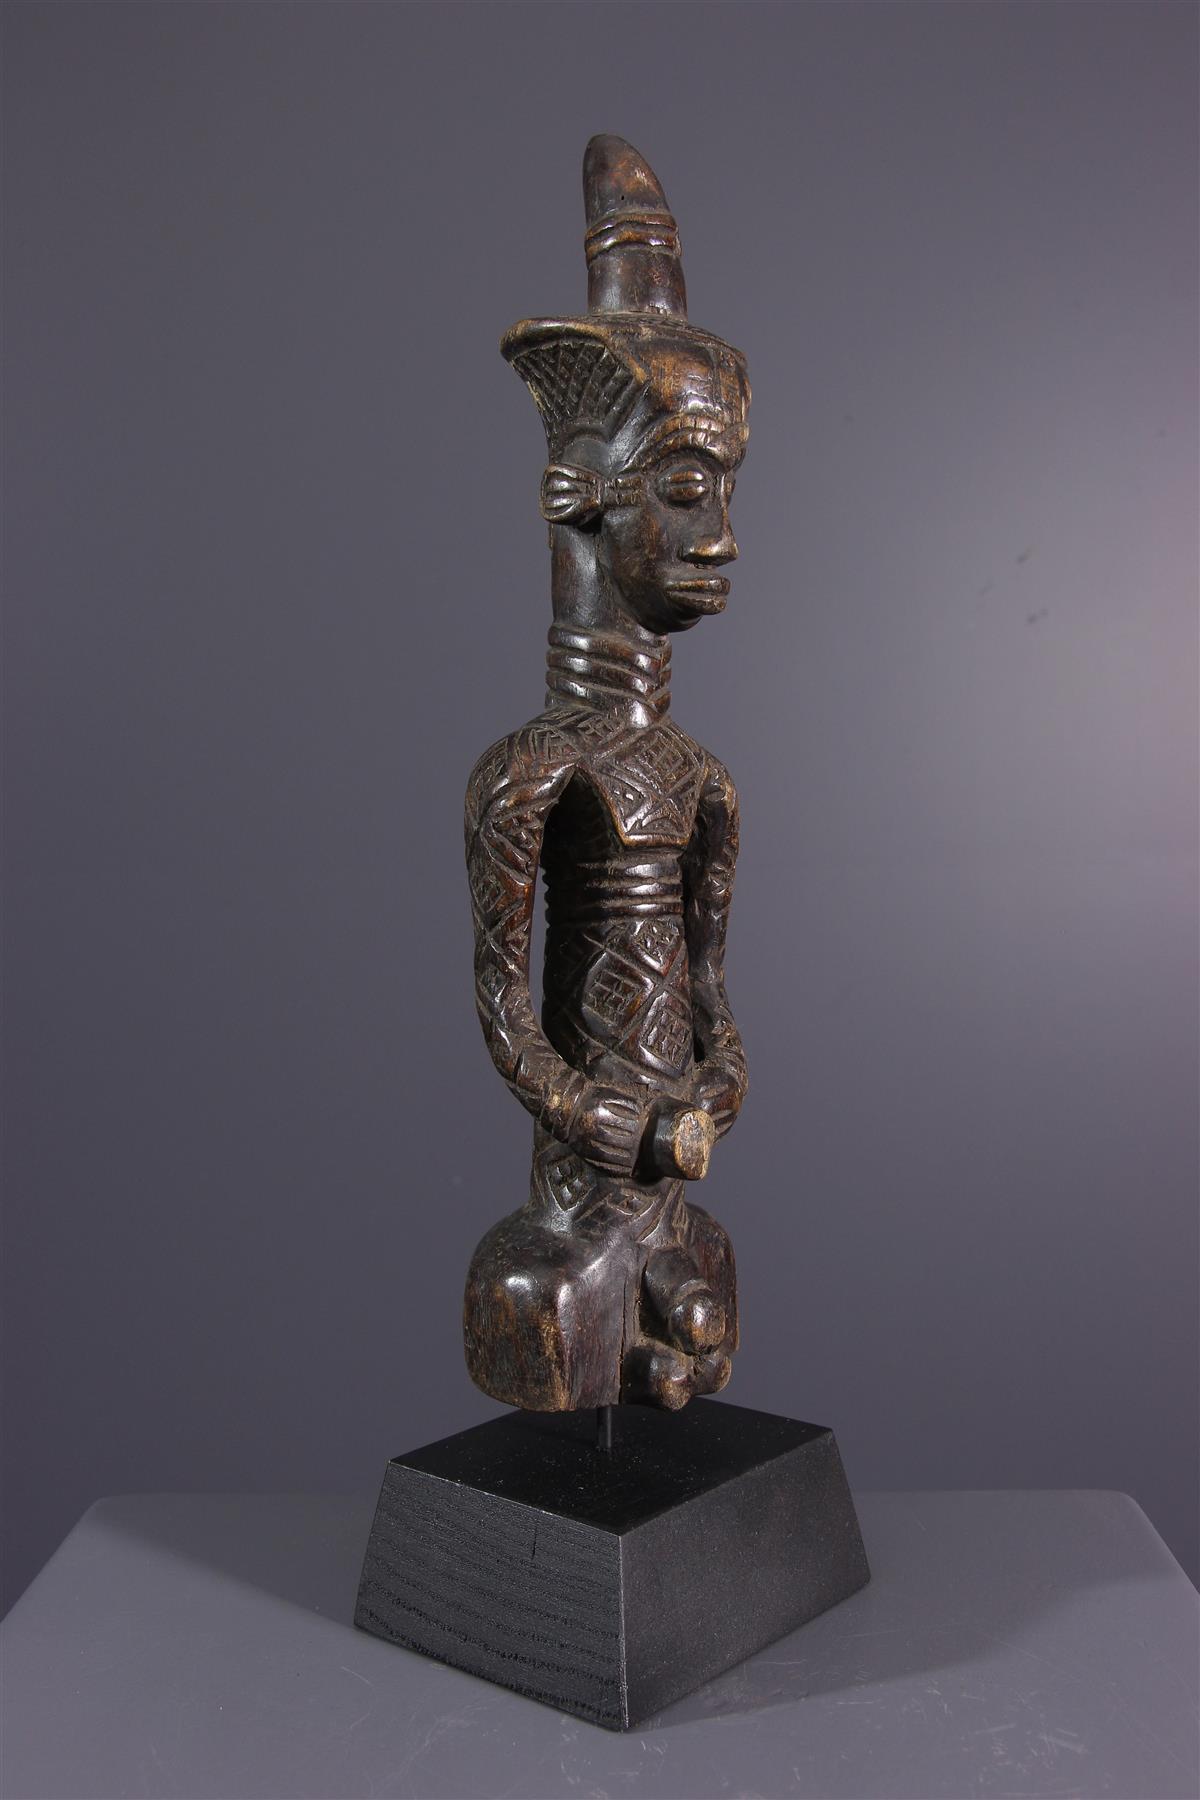 Statuette Ndengese - Art africain